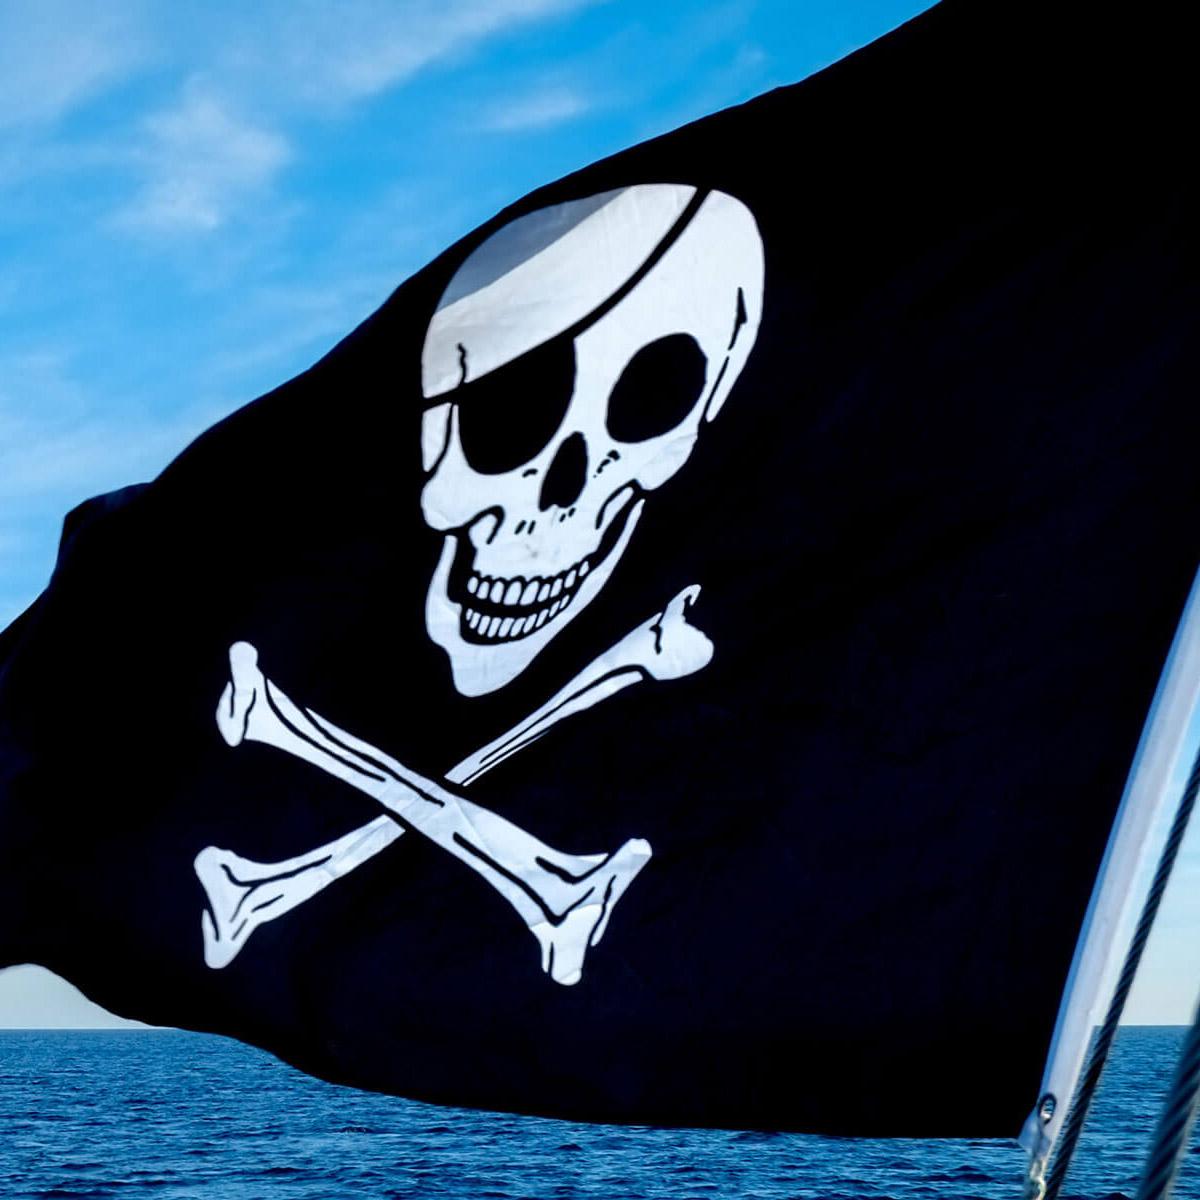 Disfraces de Piratas, Bucaneros y Corsarios, complementos Misterdisfraz.com